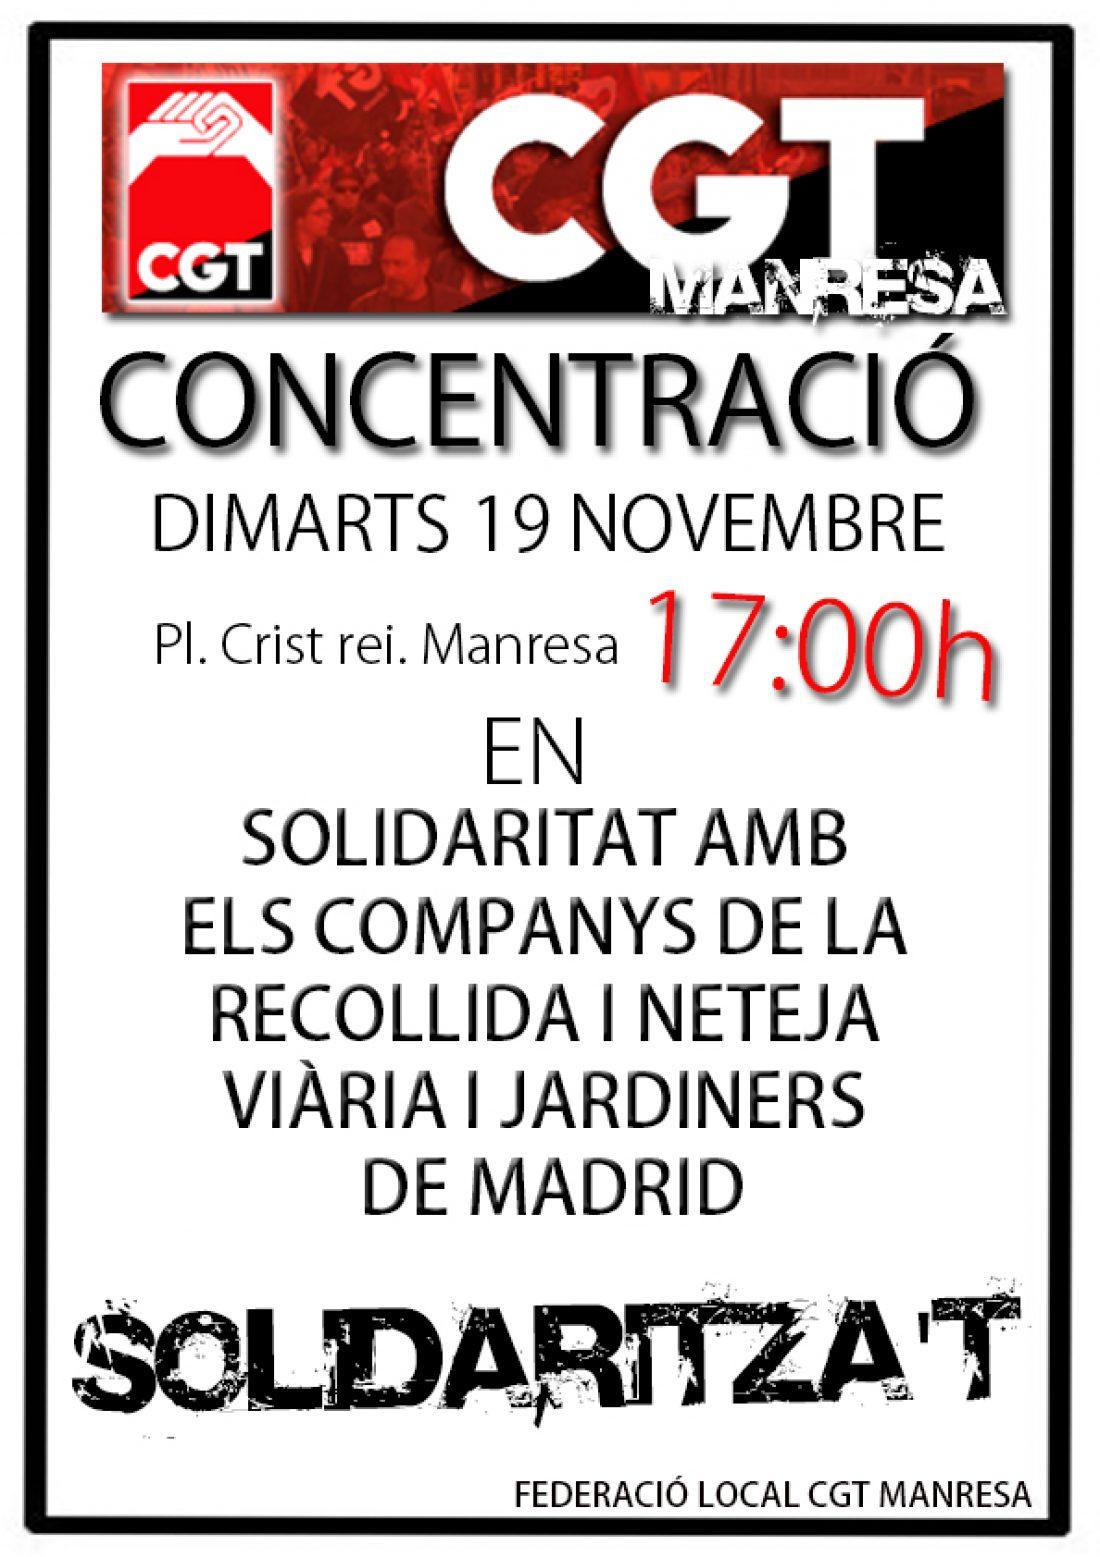 Apoyo desde Catalunya a las/os compañeras/os de Madrid en lucha